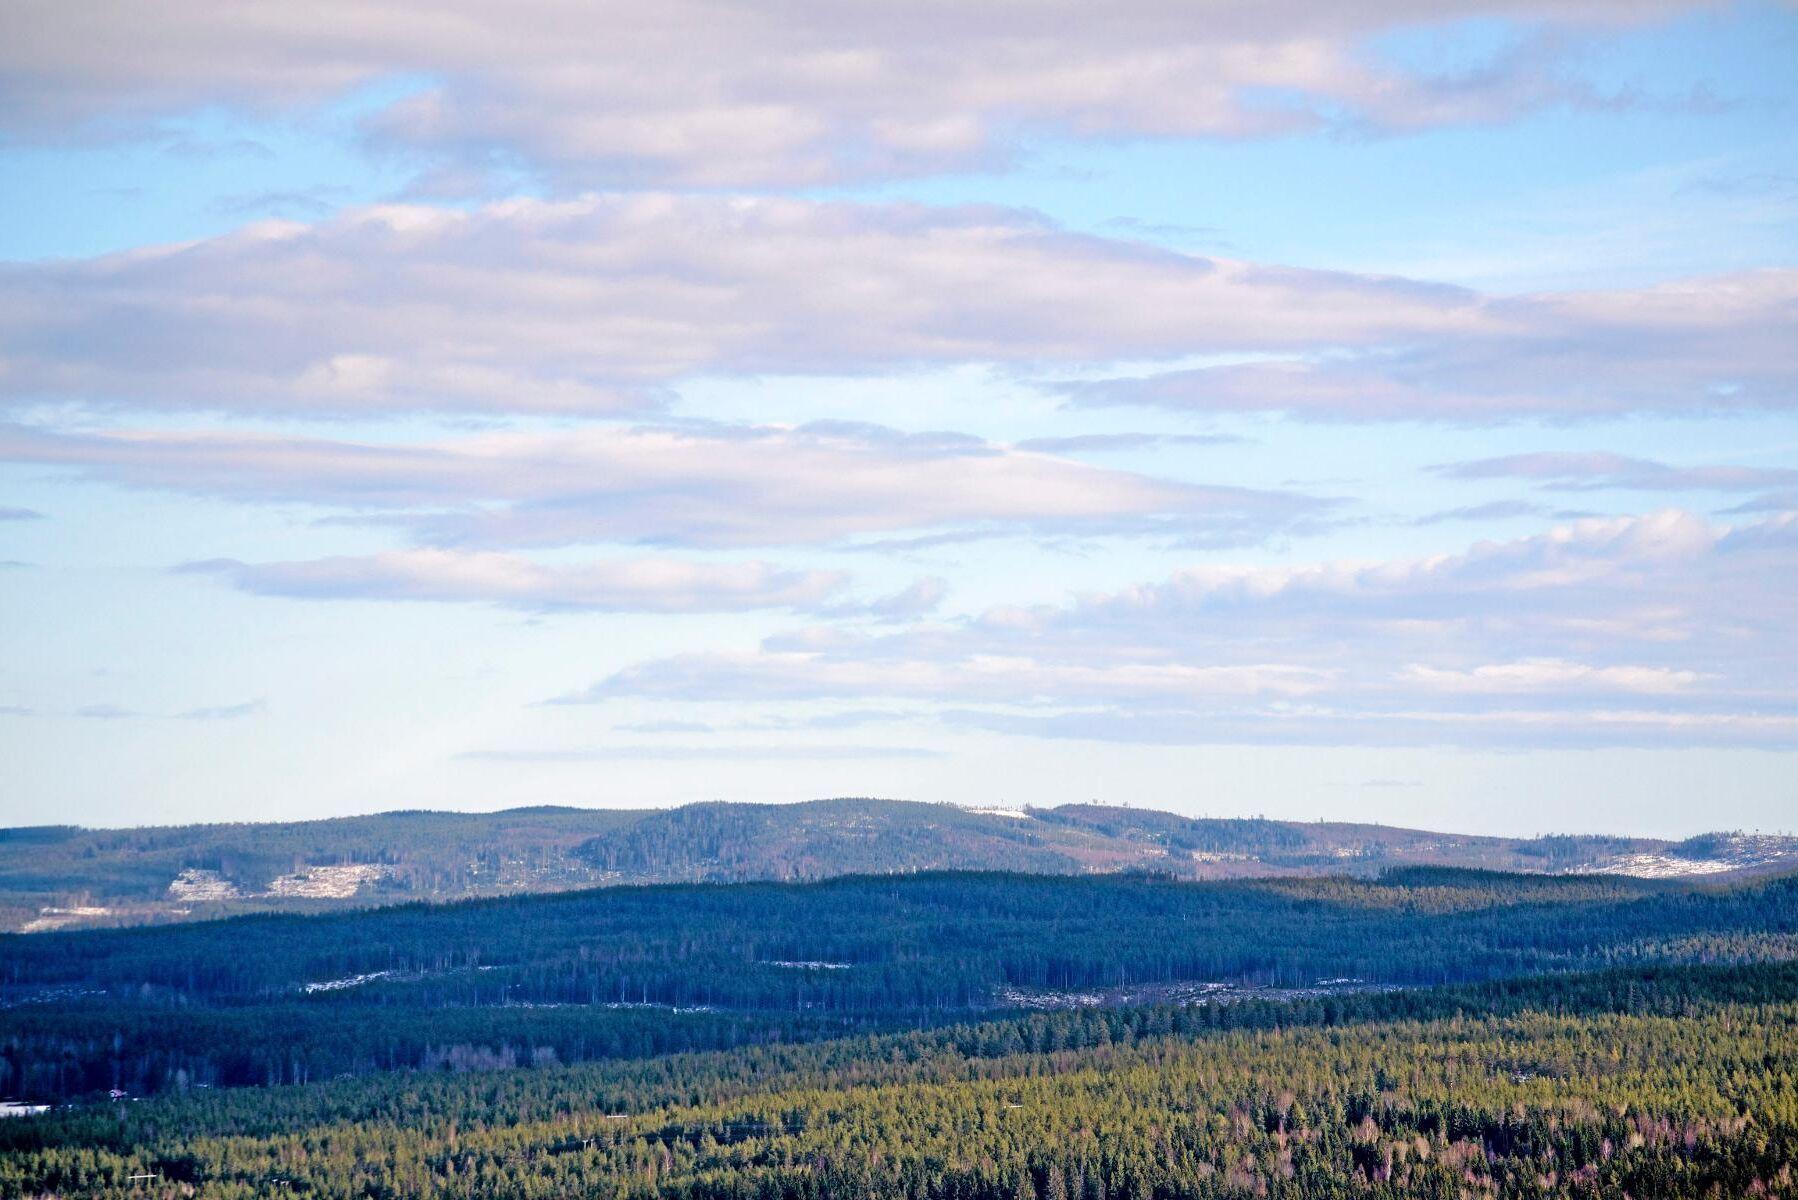 Mycket för pengarna. I norra Sverige räcker 3 miljoner kronor till 112 hektar med 11300 kubikmeter skog. I söder ger samma peng 26 hektar och 4200 kubikmeter, enligt LRF Konsults prisstatistik.